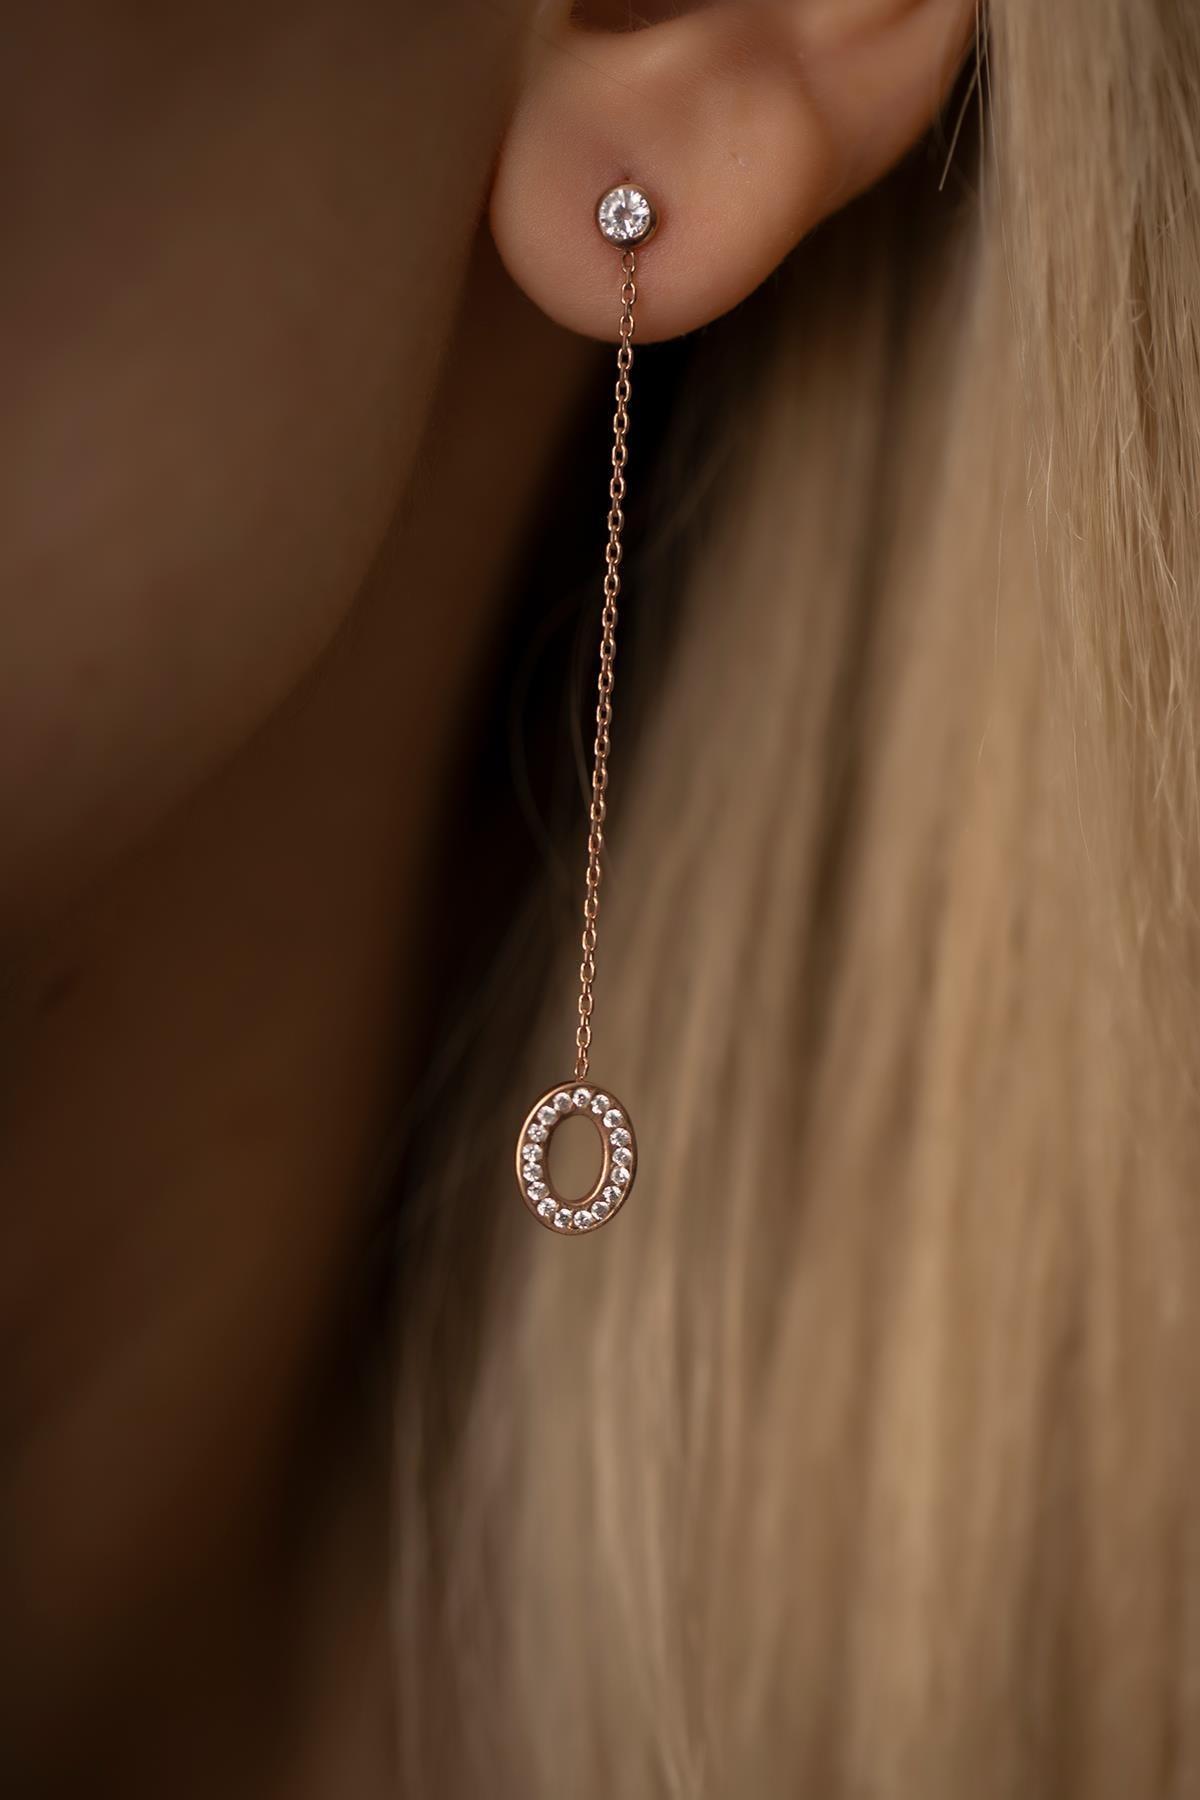 İzla Design Kadın Oval Sallantılı Rose Kaplama Gümüş İtalyan Küpe PKT-TLYSLVR0456